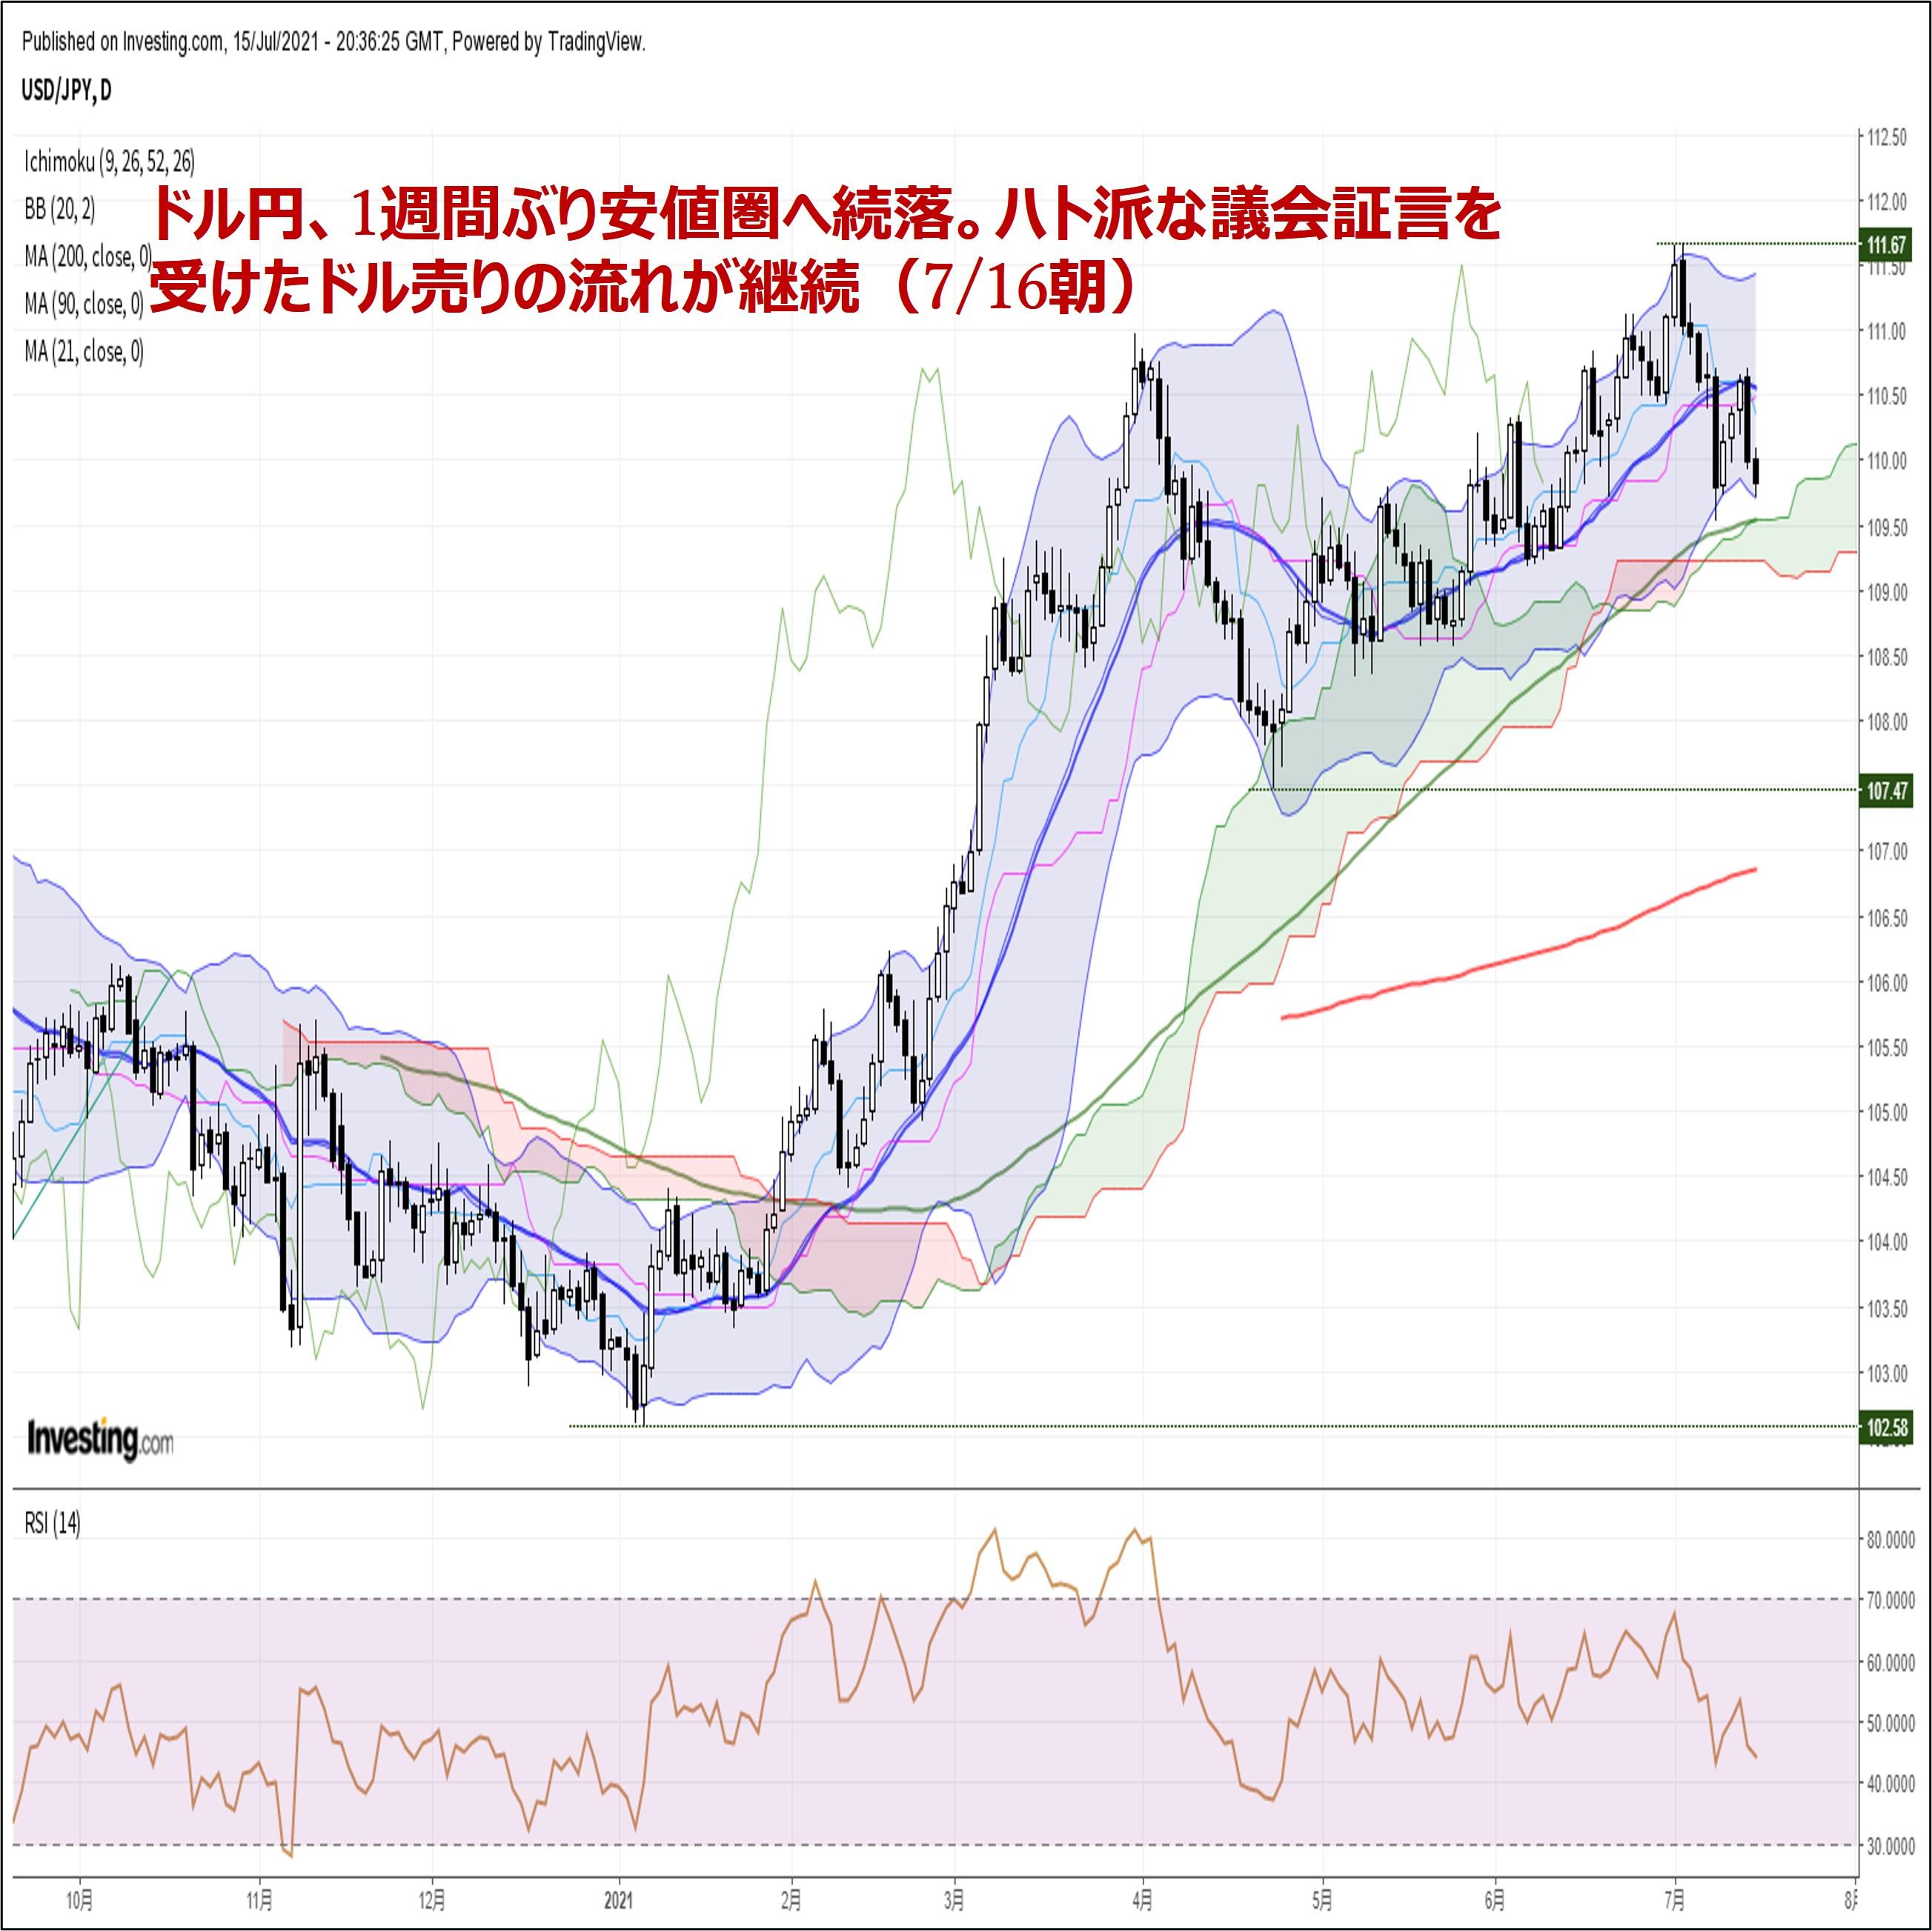 ドル円、1週間ぶり安値圏へ続落。ハト派な議会証言を受けたドル売りの流れが継続